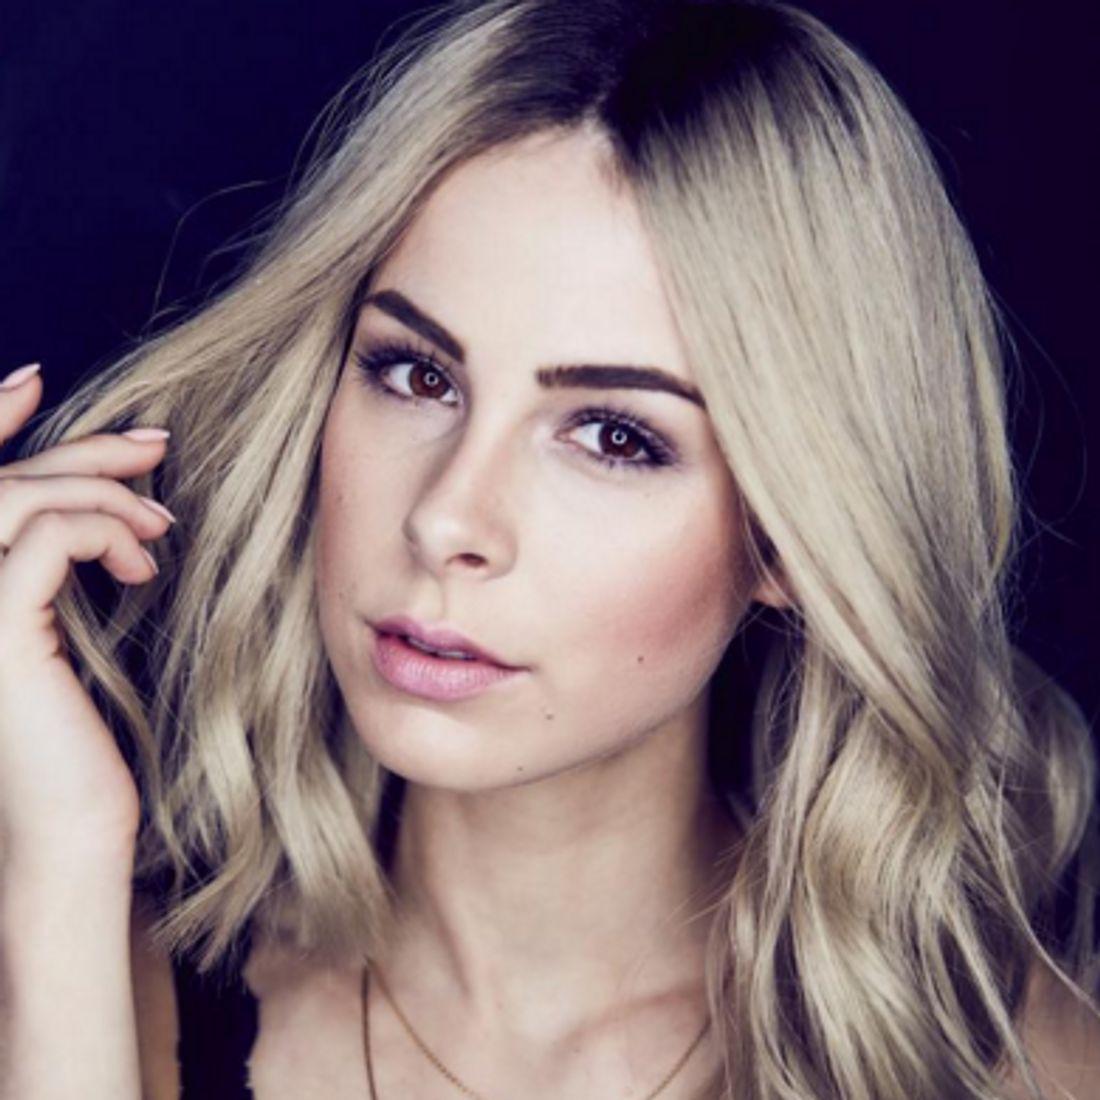 Lena überrascht ihre Fans mit blonden Haaren